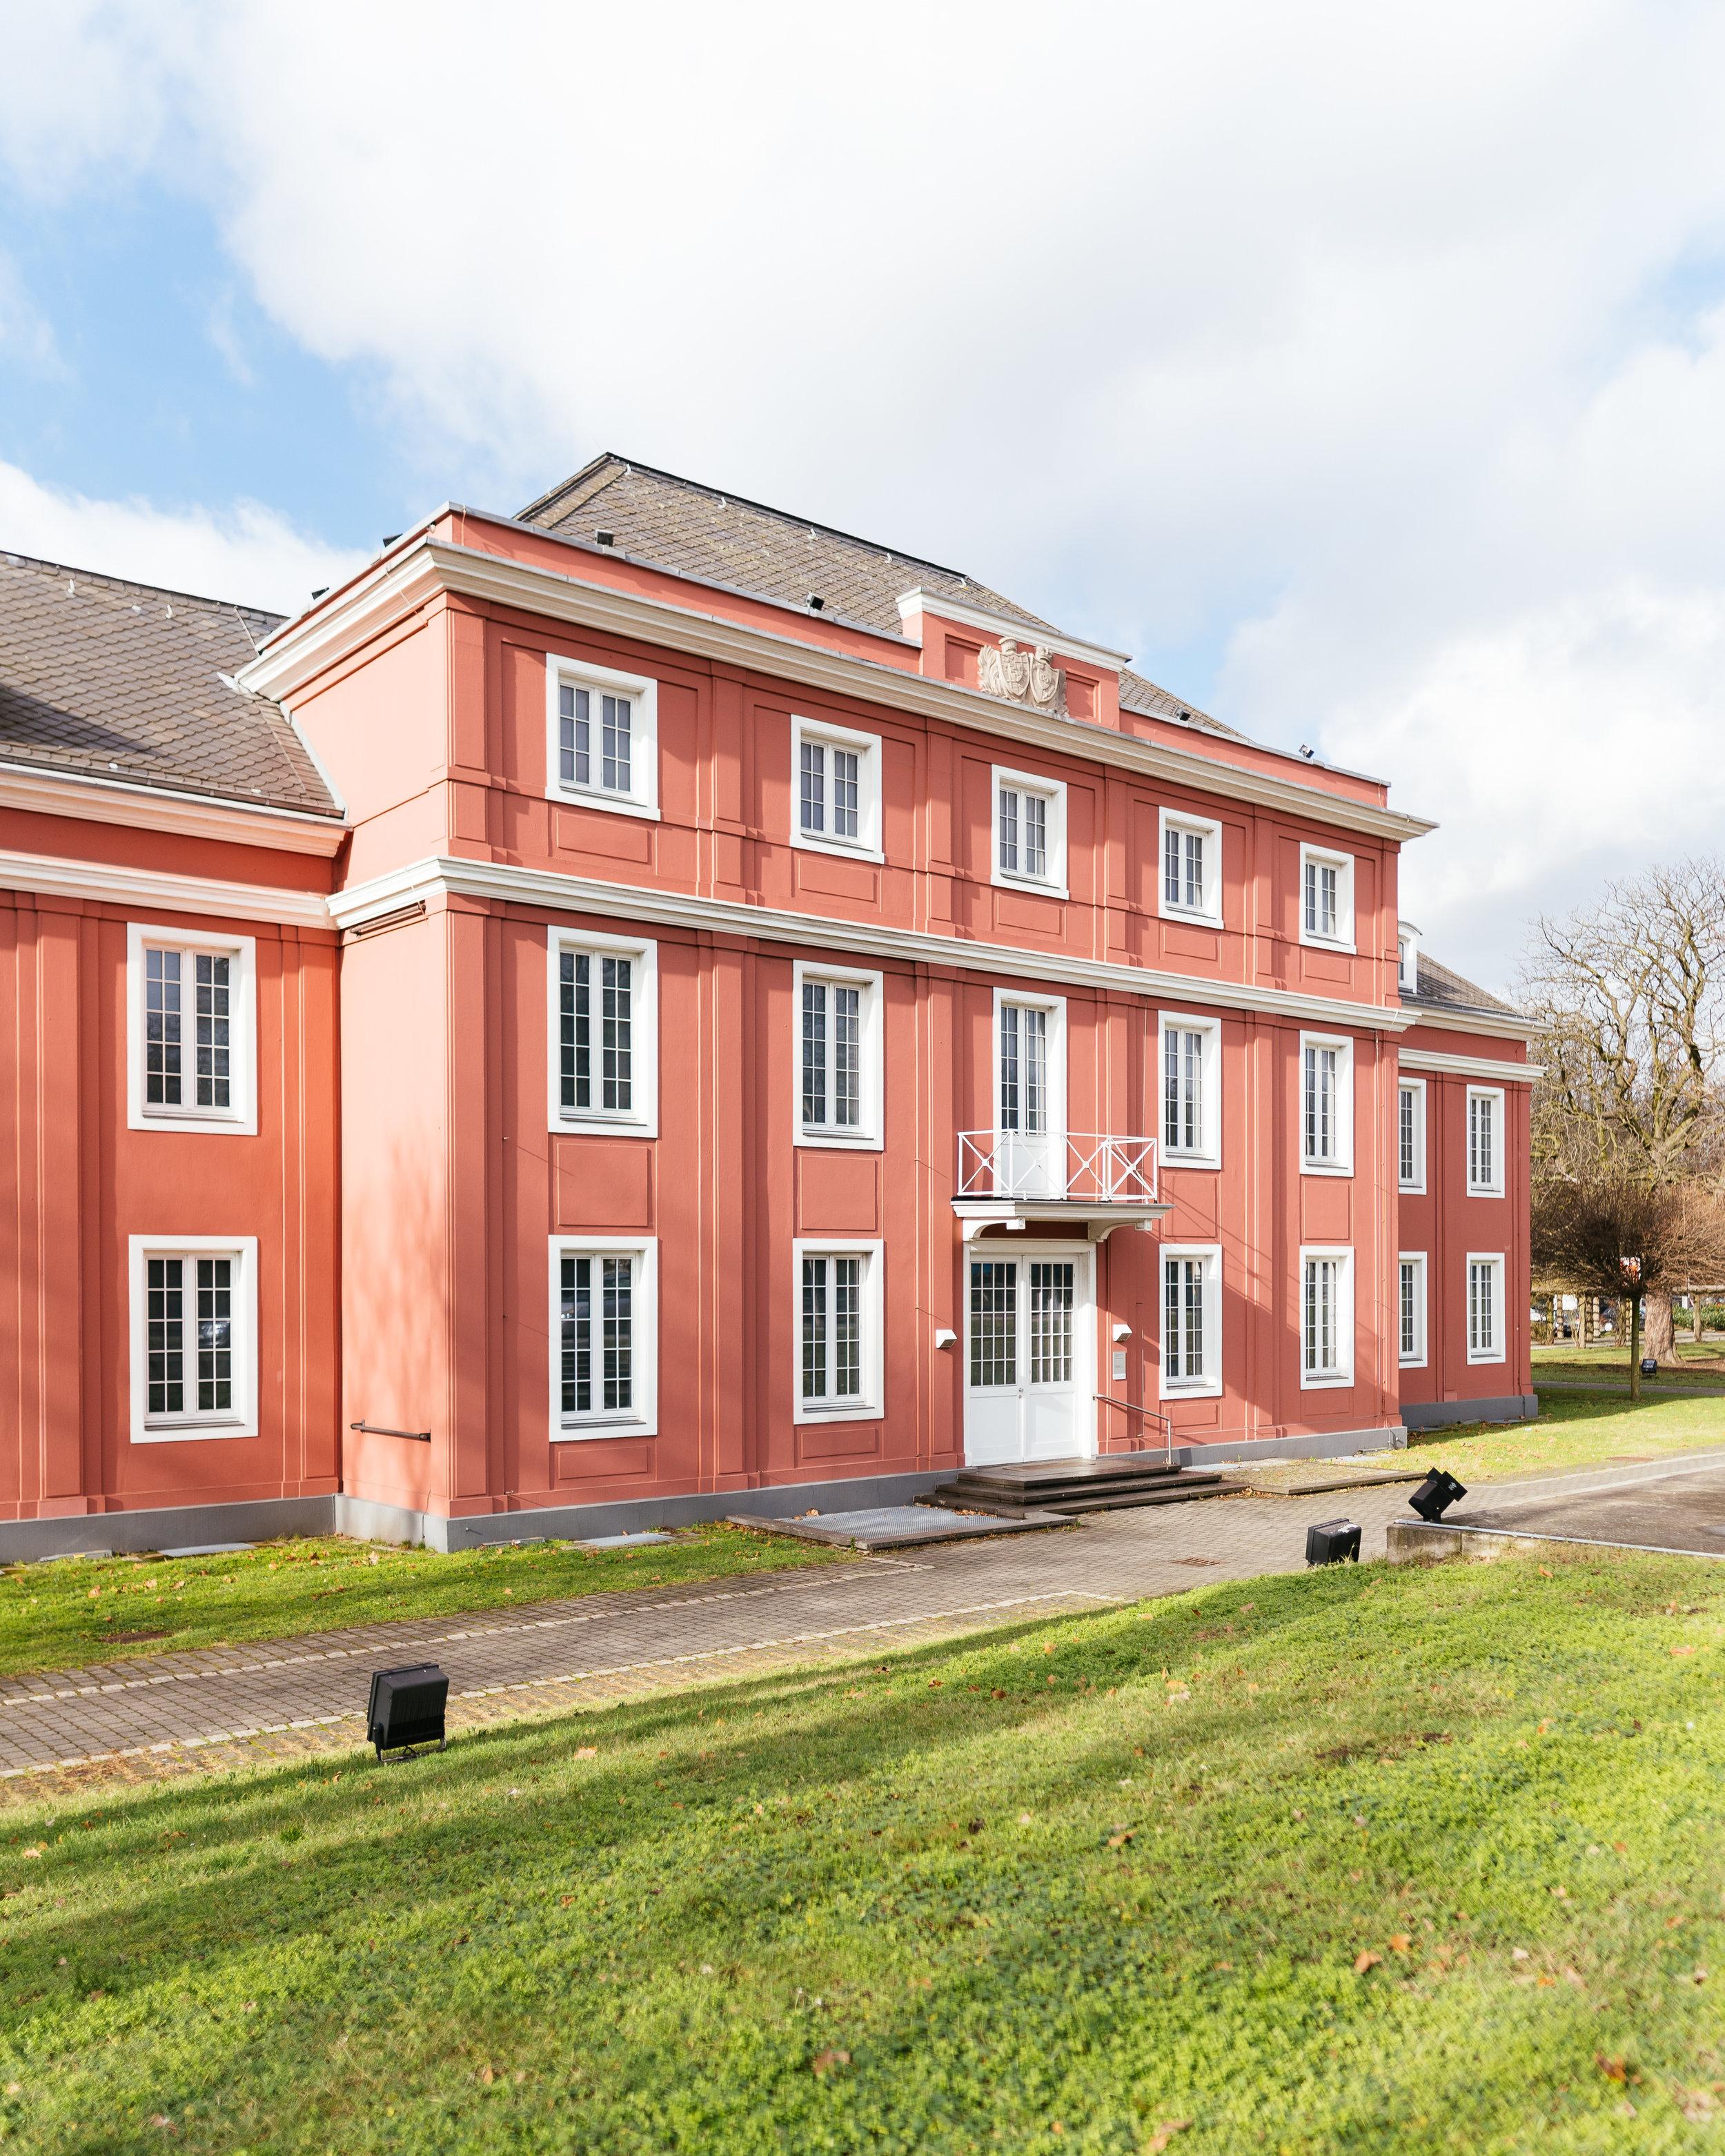 """LUDWIGGALERIE Schloss Oberhausen - Es gibt wohl keinen anderen Ort, an dem das Ruhrgebiet so erlebbar, so spürbar ist wie in Oberhausen, diese Stadt, benannt nach einem Bahnhof, der seinerseits nach einem Schloss im ,,Nirgendwo"""" benannt wurde – Oberhausen ist keine sehr alte Stadt.Genau dieses Schloss ist der Ankerpunkt unserer heutigen kulturell–kulinarischen Entdeckungsreise ins Herz des Potts.Hier befindet sich mit der LUDWIGGALERIE ein Museum, das vor allem bekannt ist durch seine großartigen Sonderausstellungen, die häufig mit ihren Themen ein breites Publikum ansprechen."""